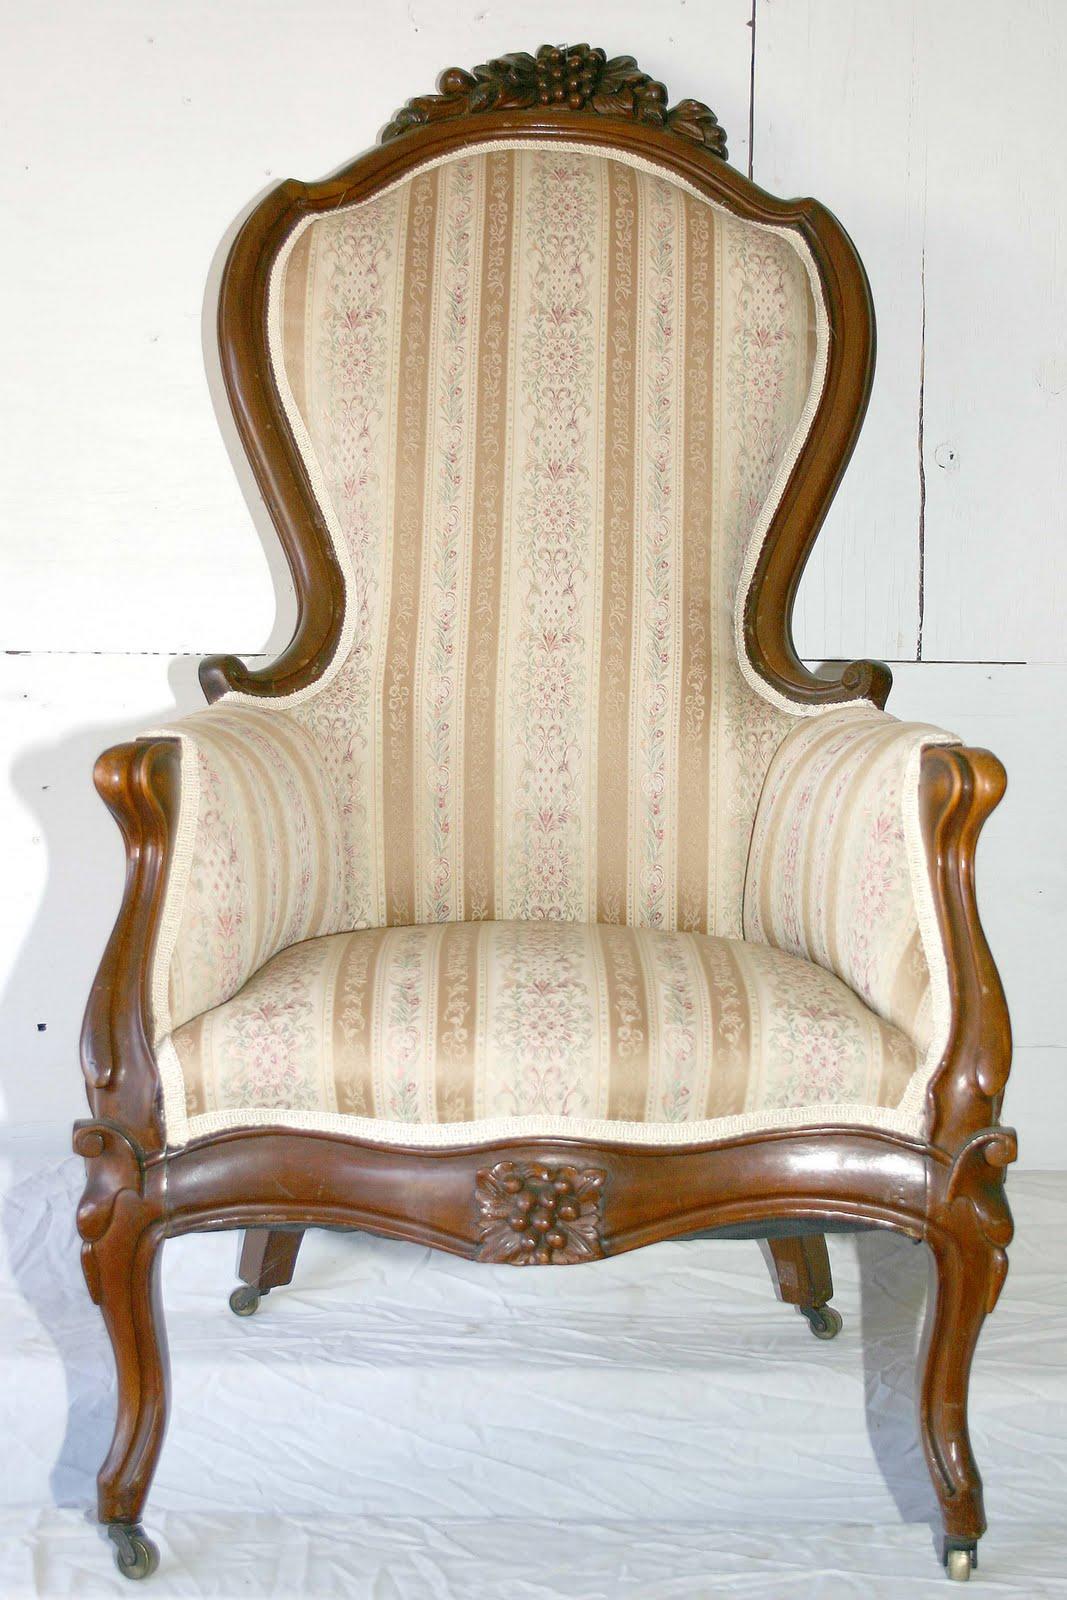 Cursos gratuitos de tapiceria y restauracion de mueble - Cursos restauracion muebles madrid ...